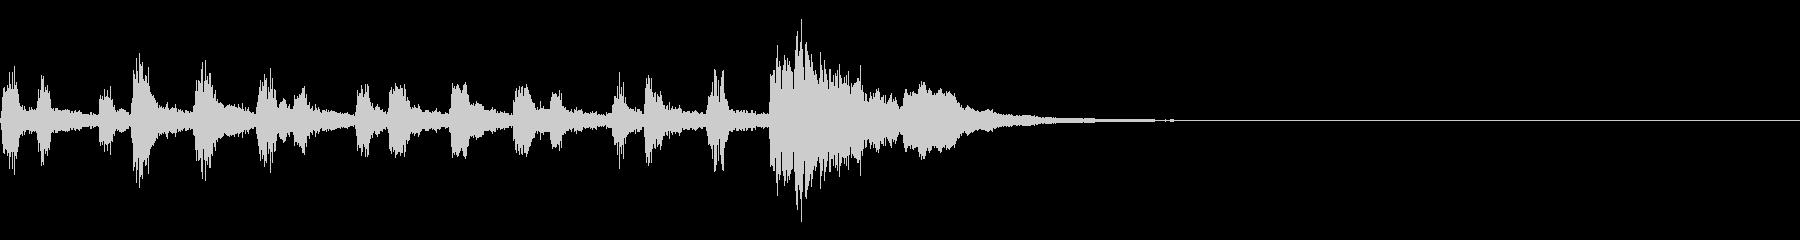 ステップアップ・ランクアップ/トロピカルの未再生の波形